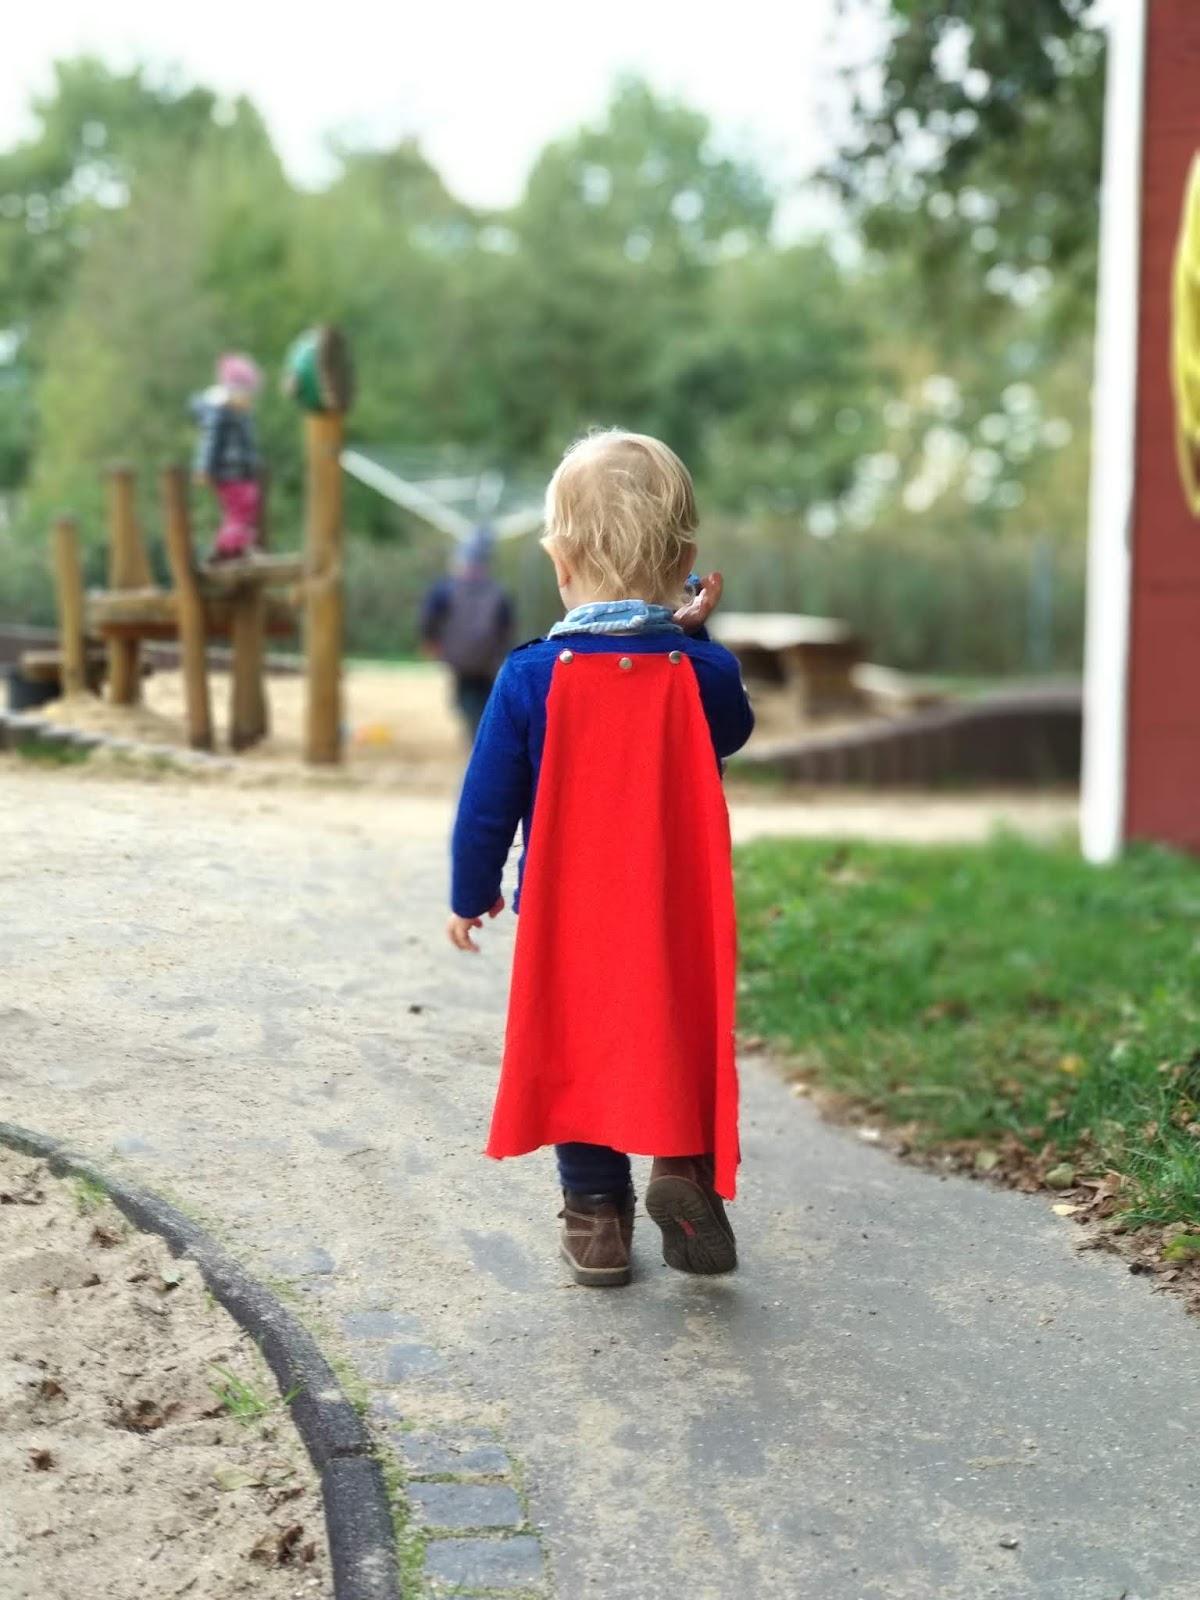 Minibeb erobert die Welt. Zur Not auch im Superheldenkostüm.